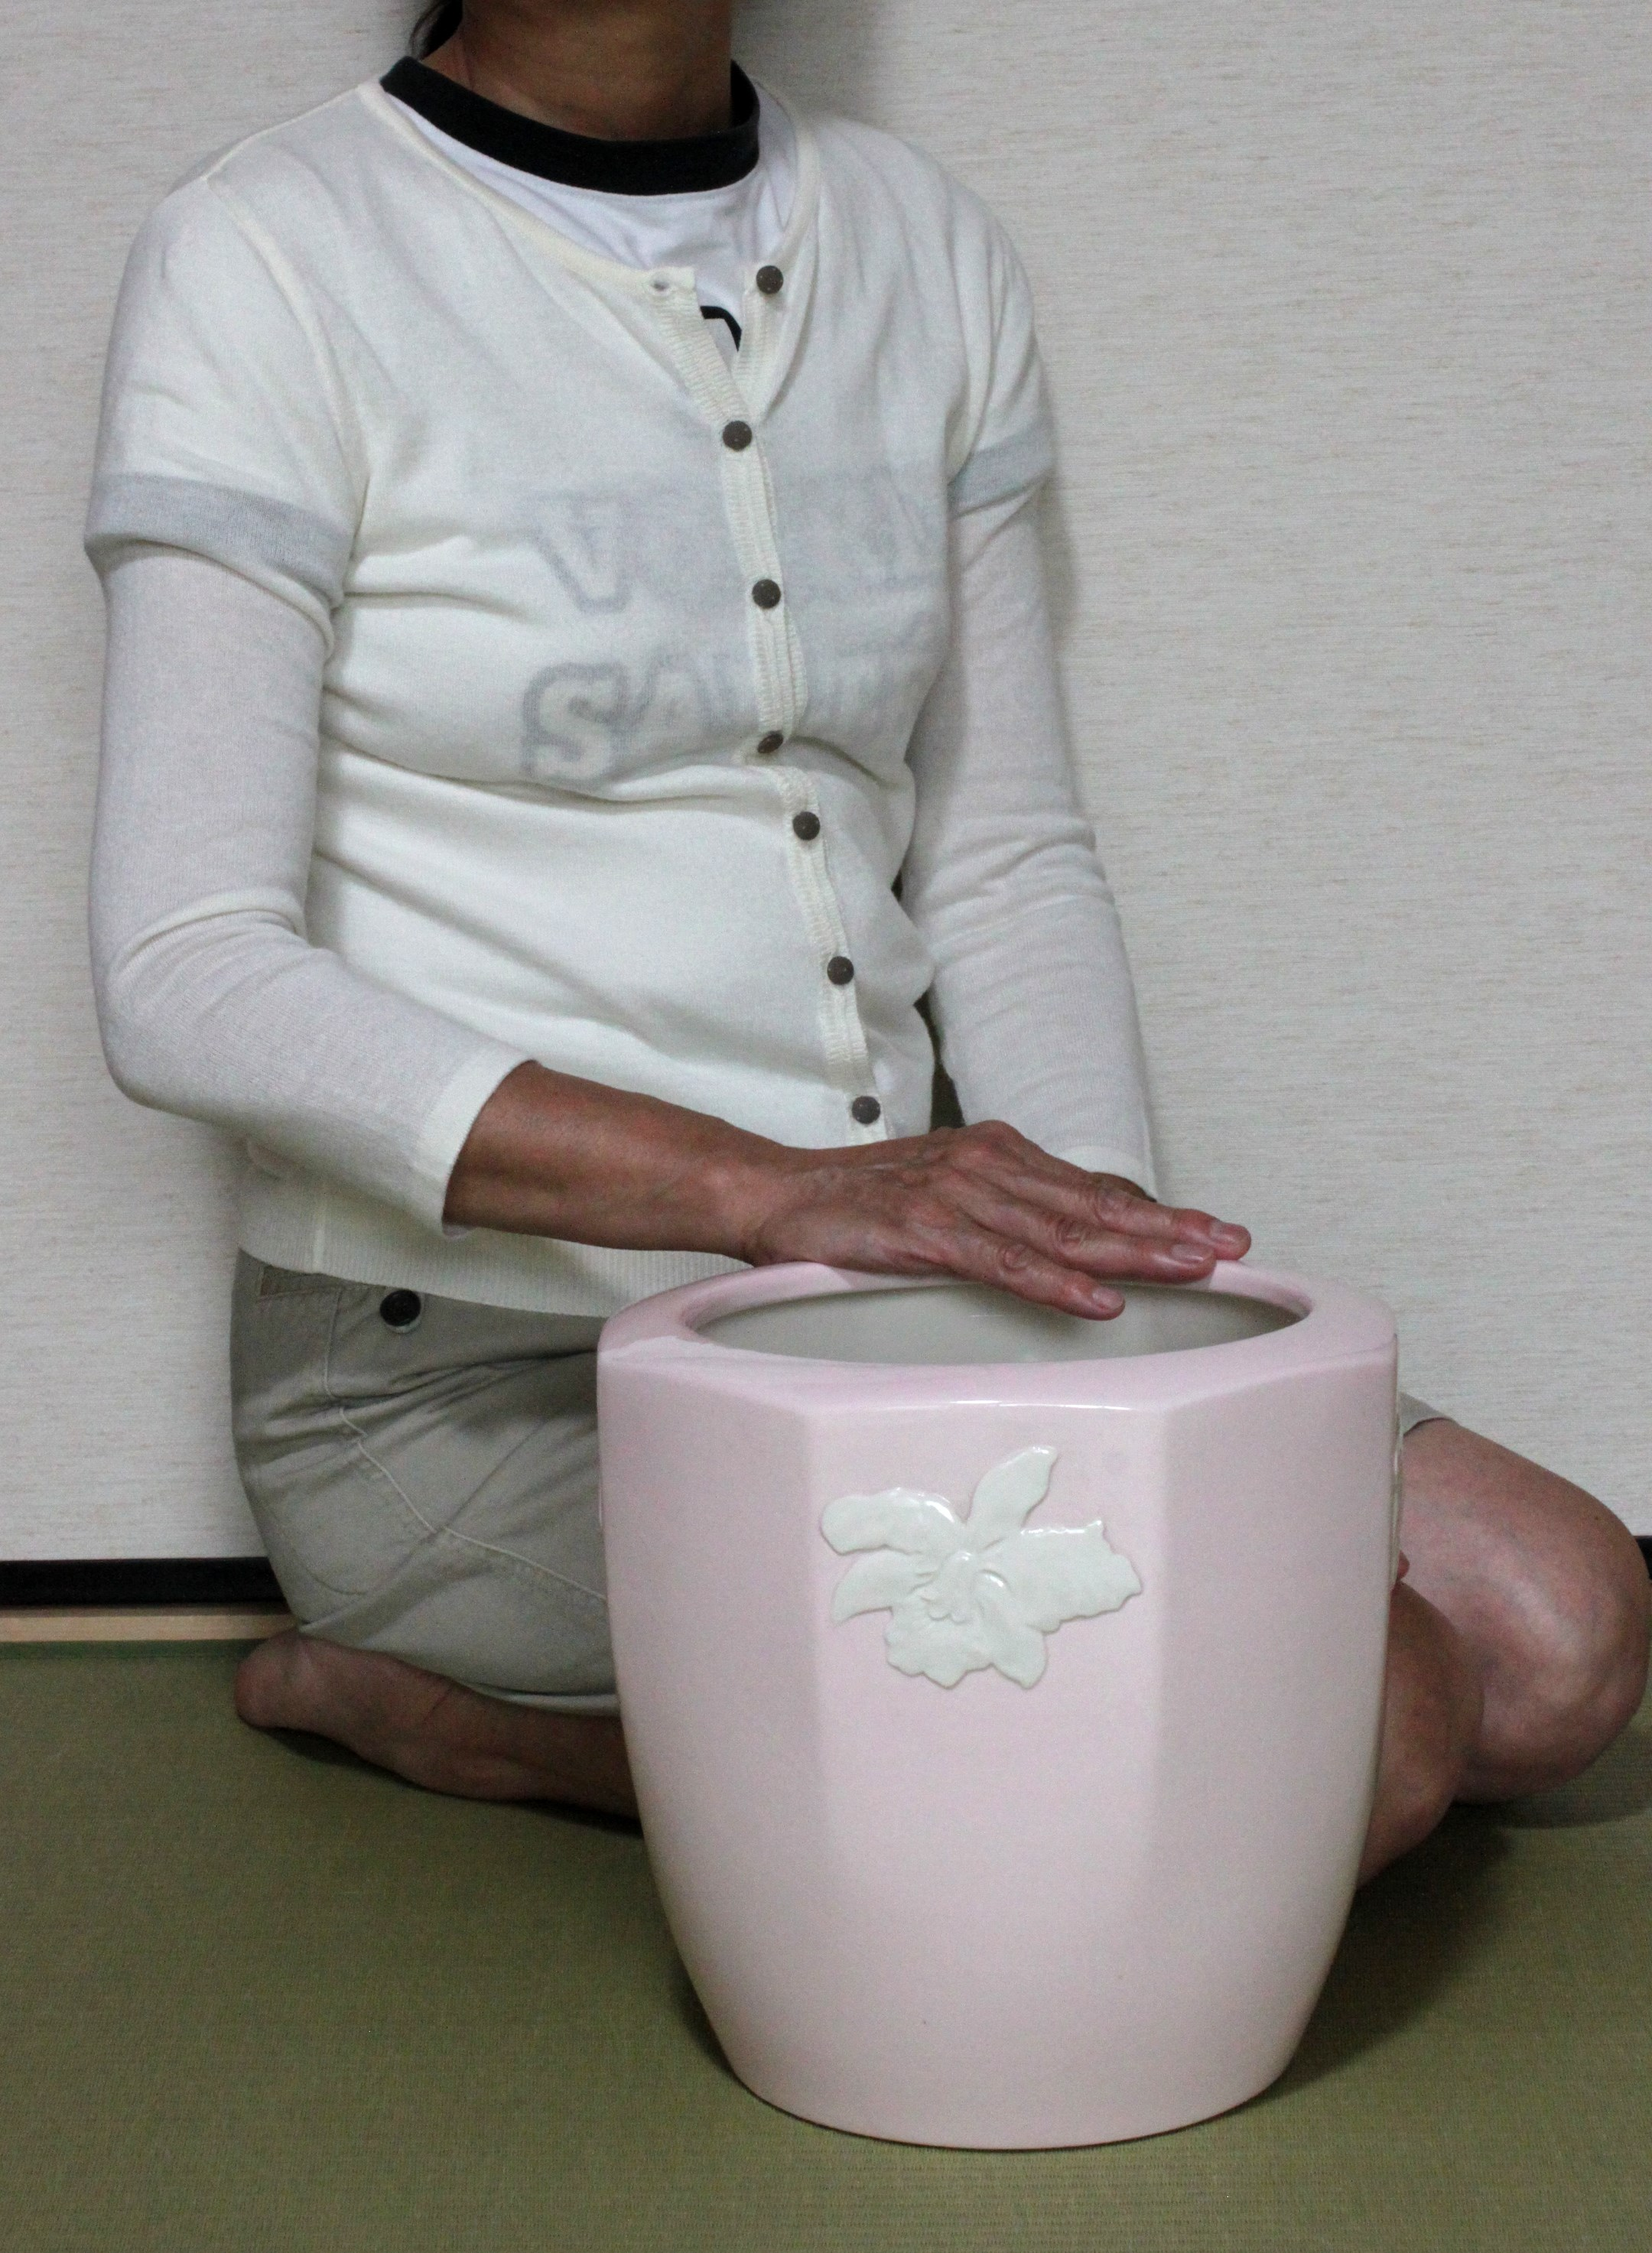 東洋陶器花柄浮き出し手あぶり火鉢